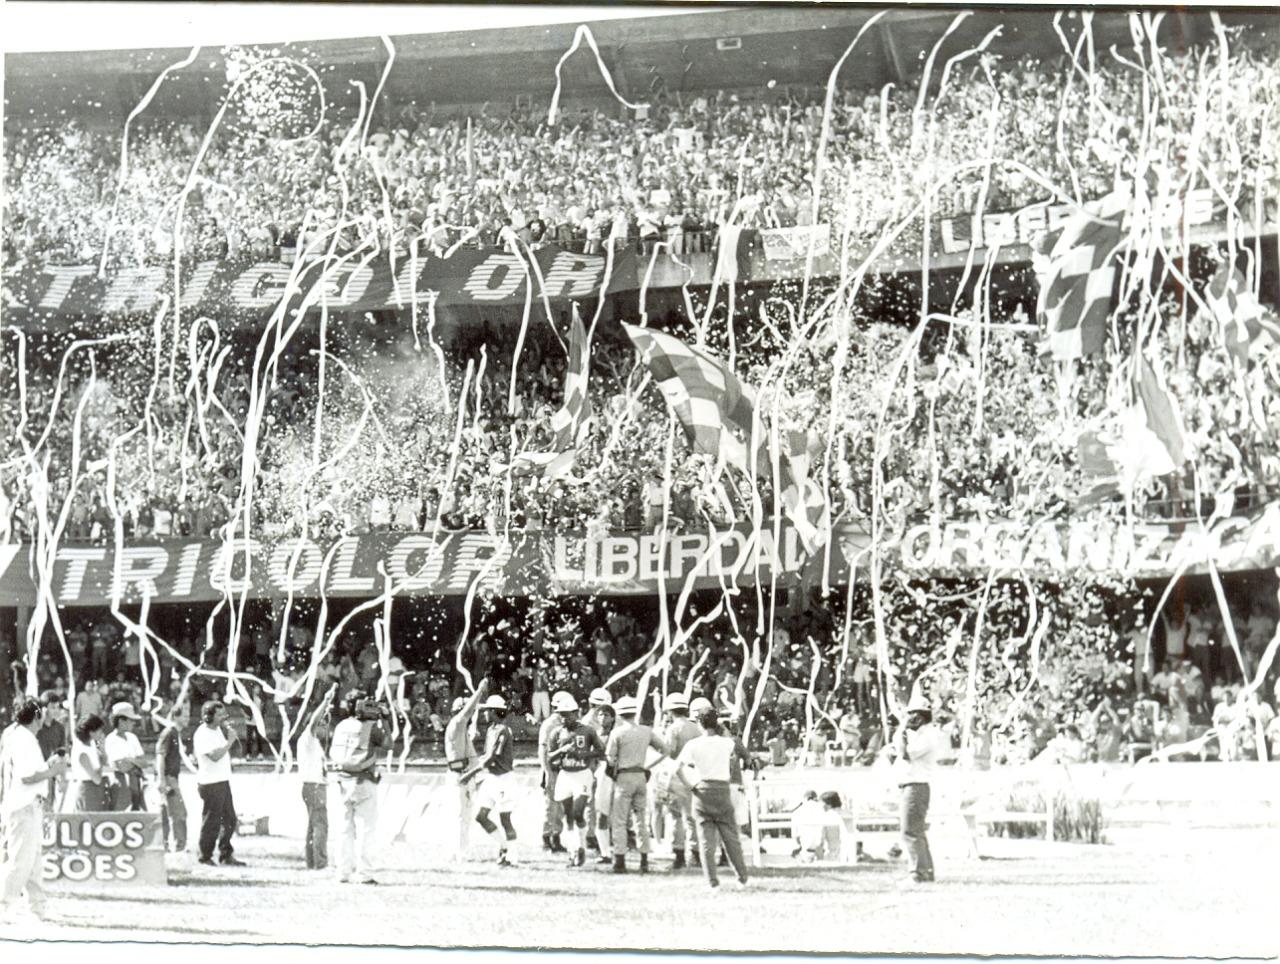 Couto lotado em jogo do Paraná. Foto: Arquivo/GRPCOM